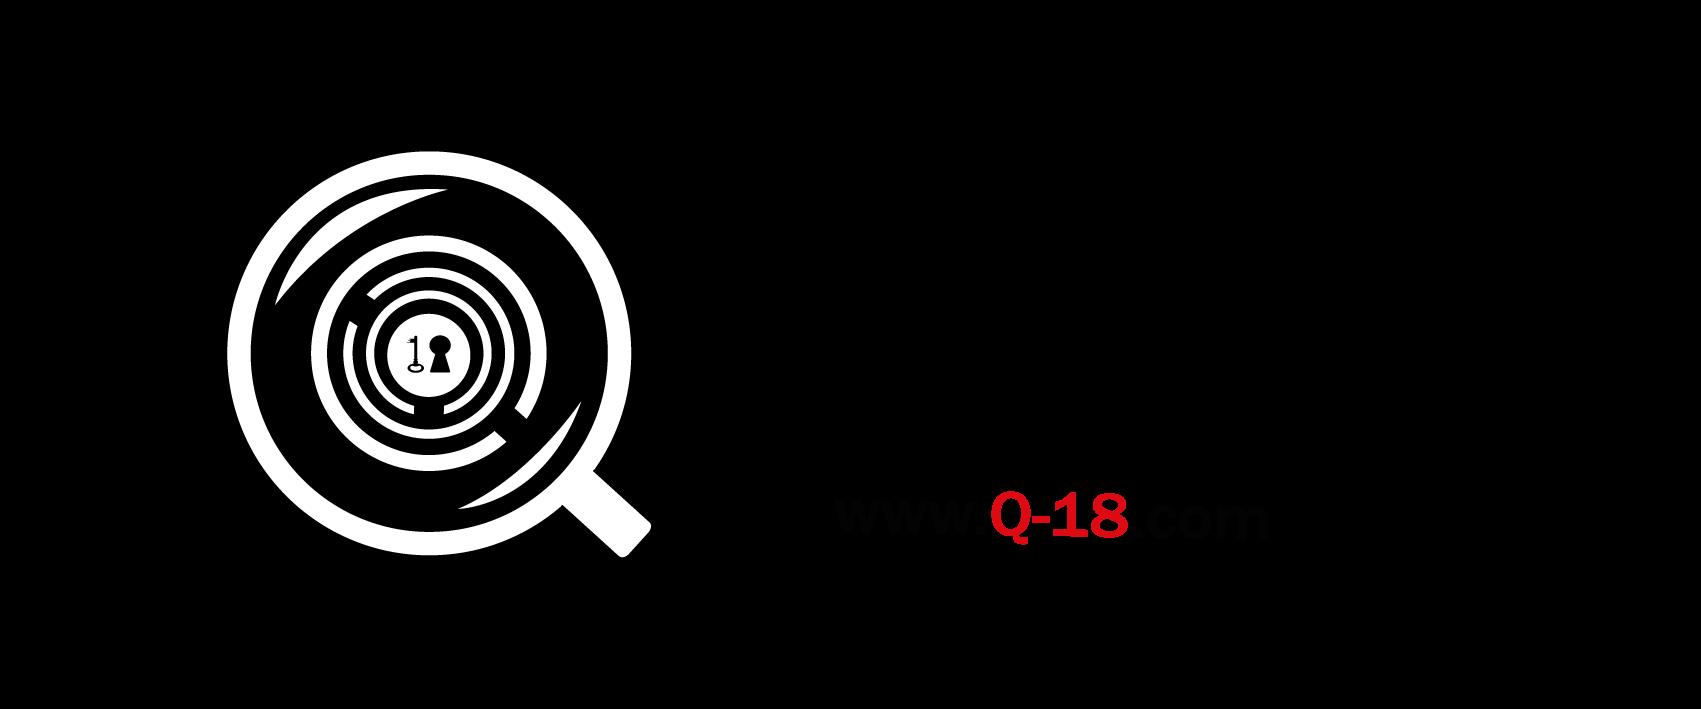 Зображення Q-18